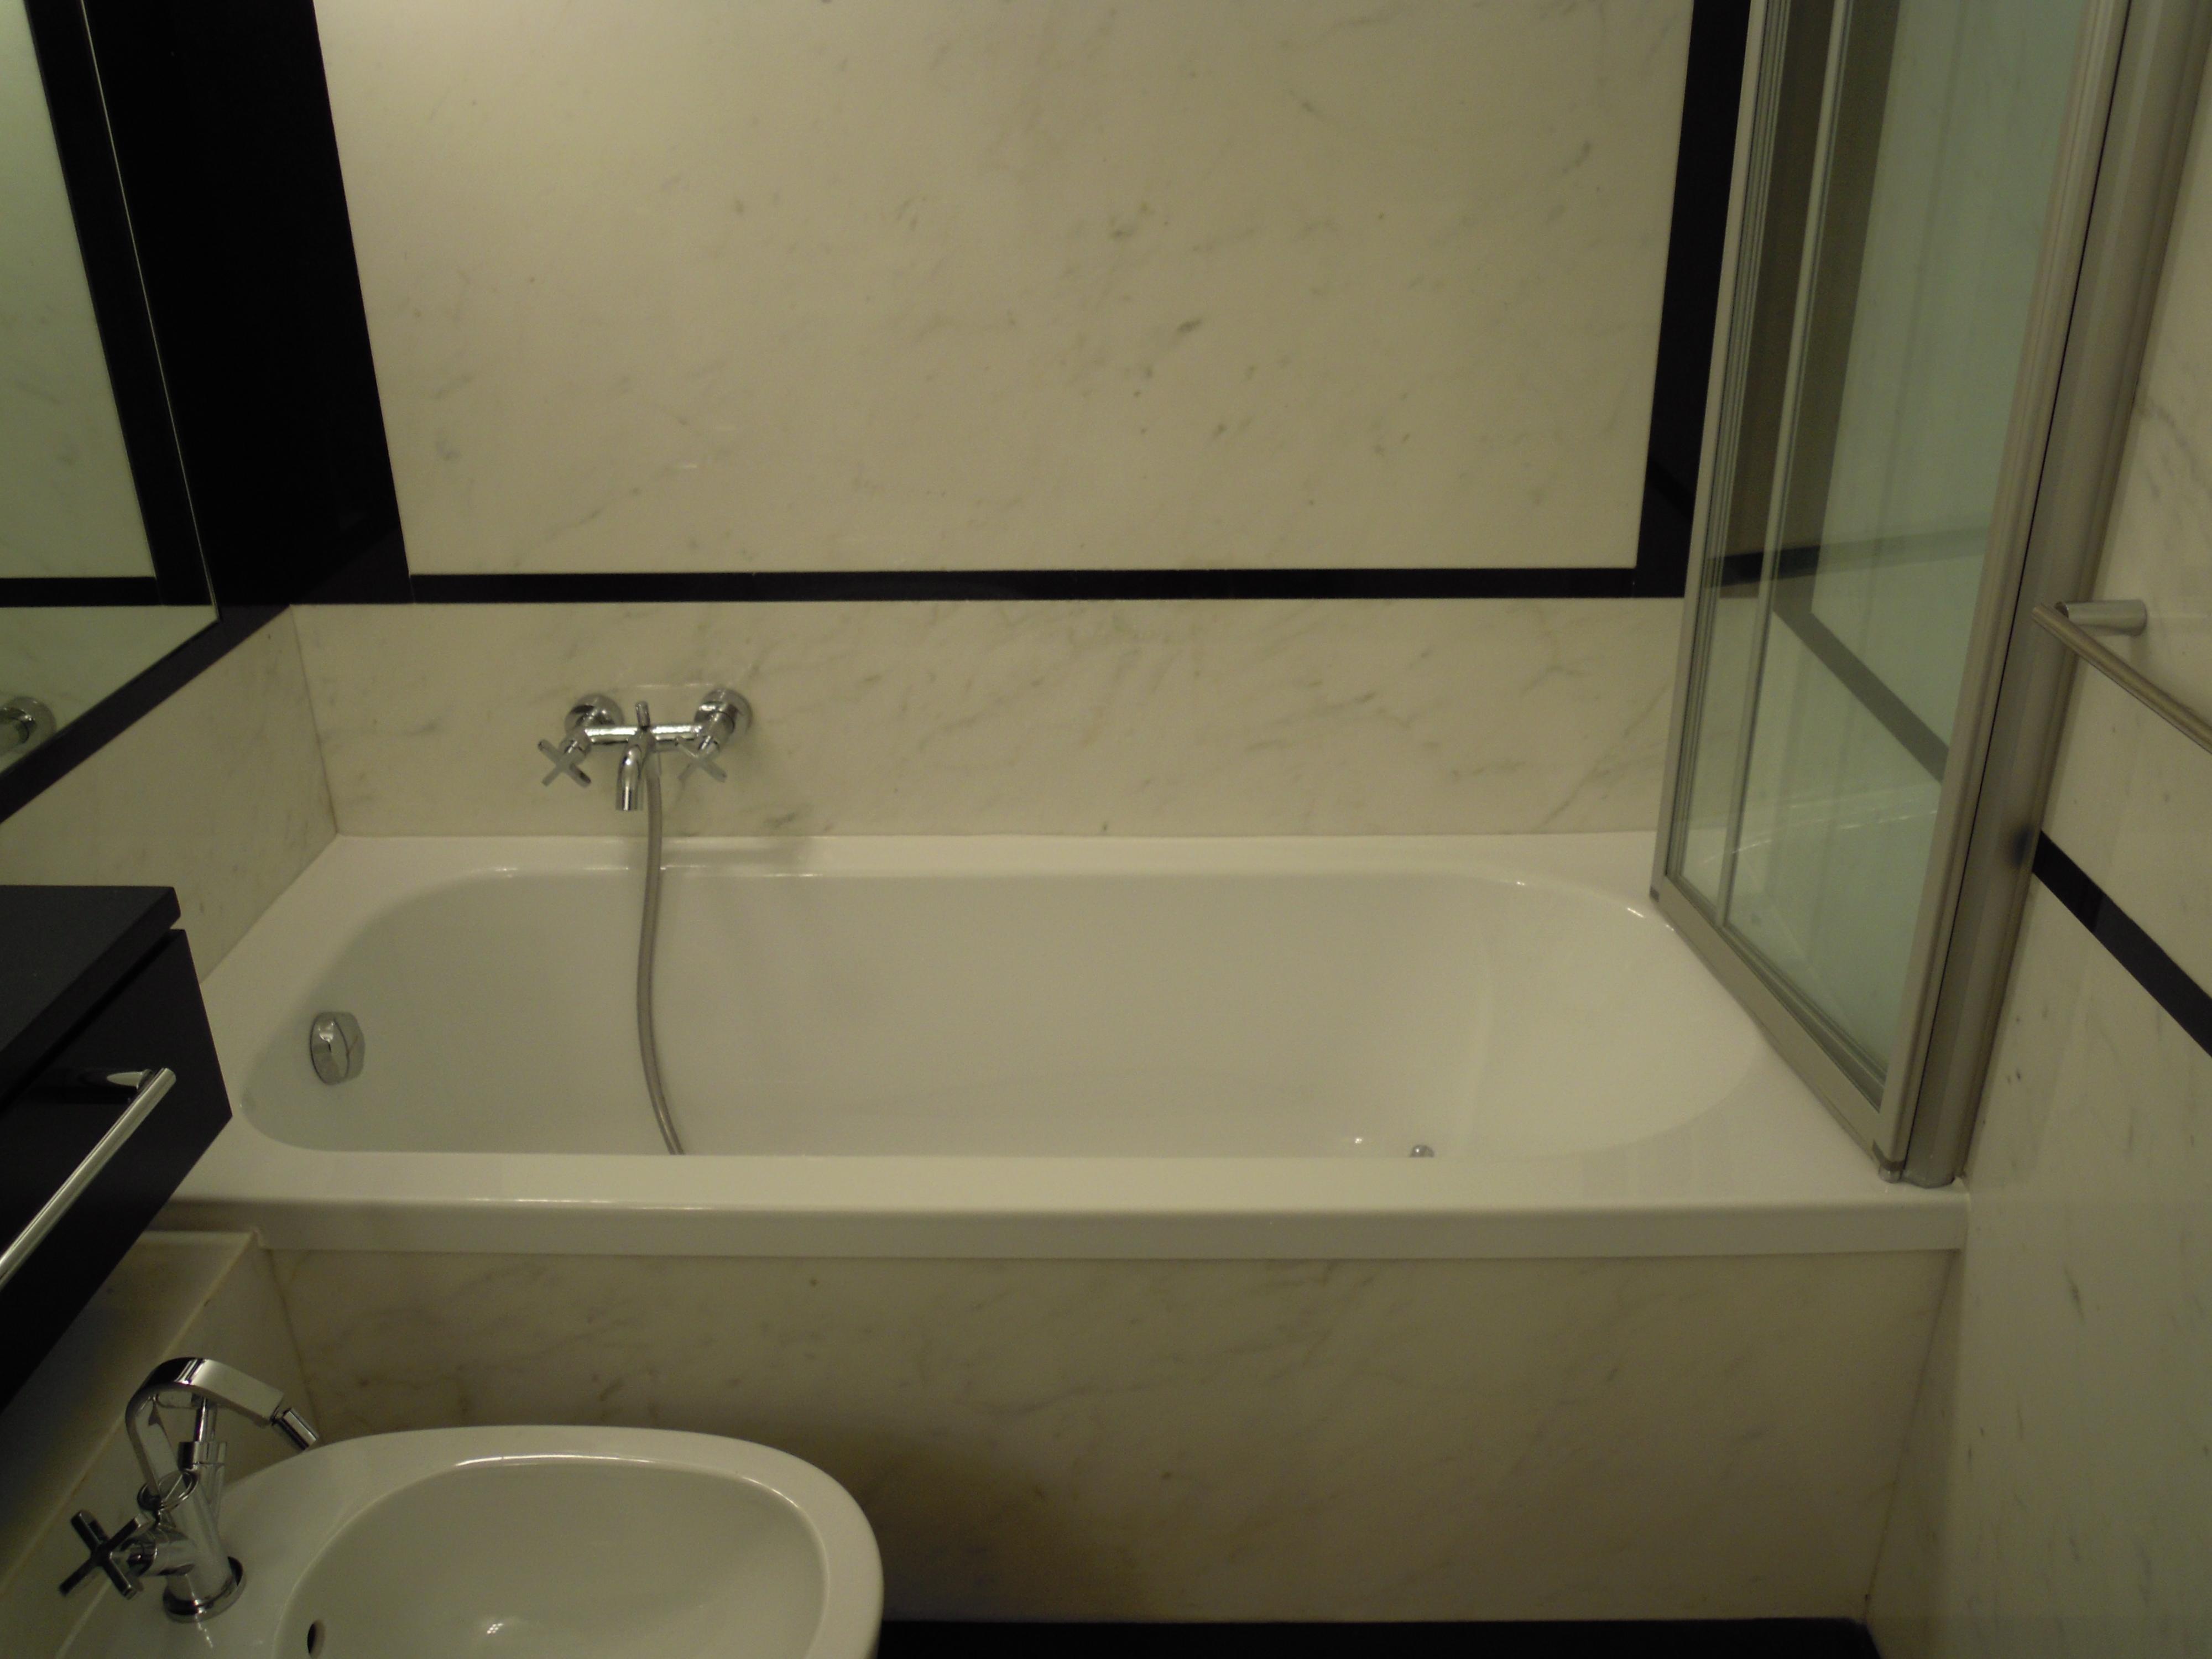 Rifare il bagno. top rifare il bagno with rifare il bagno. cool